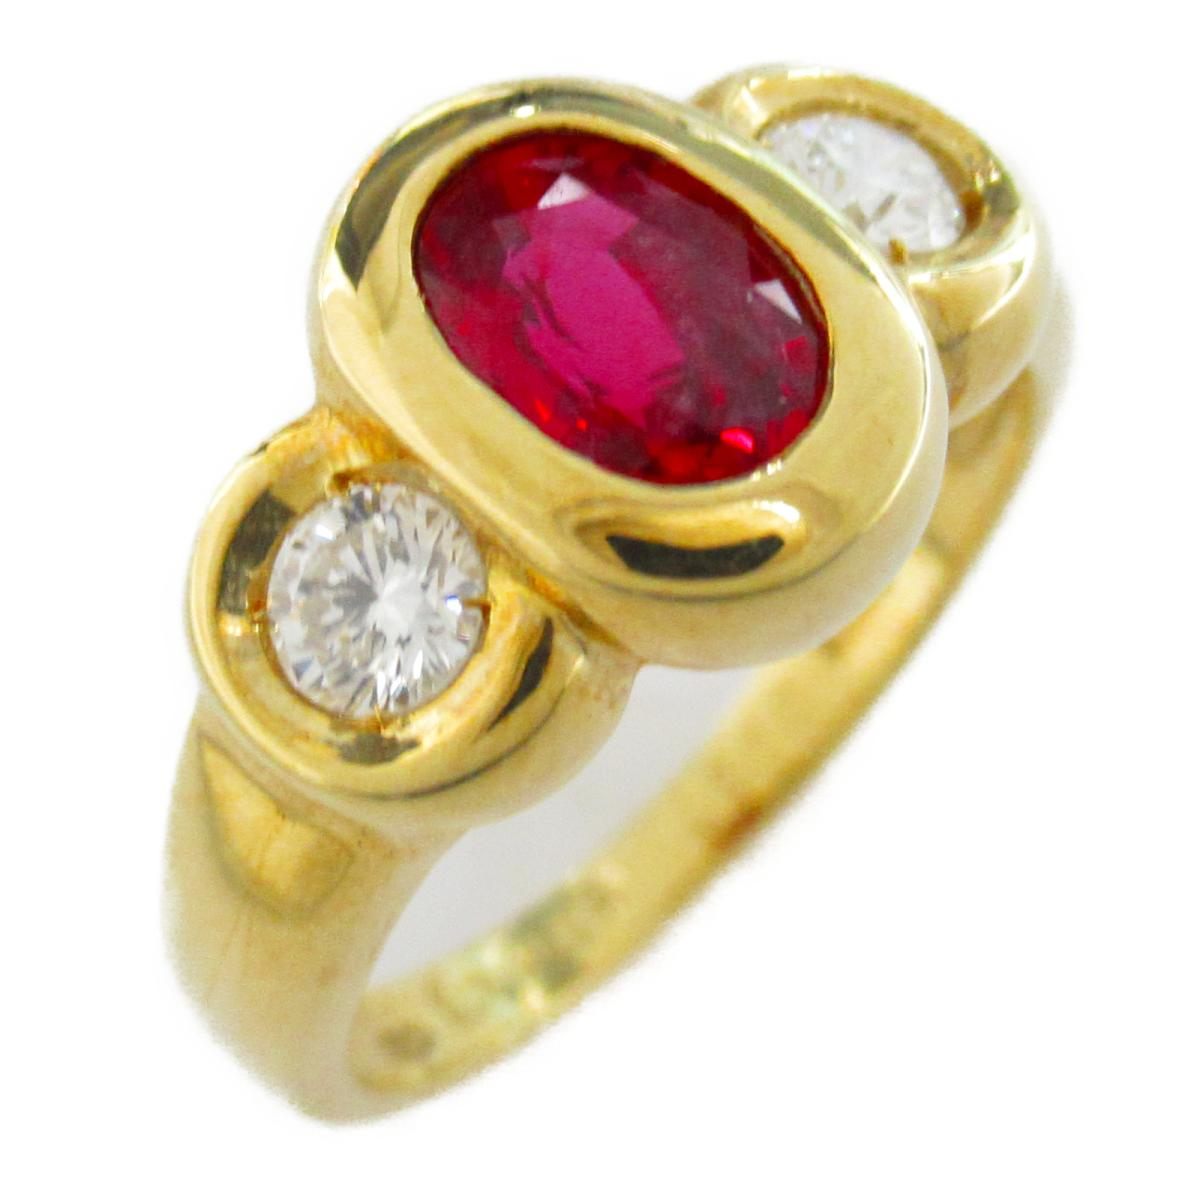 【中古】ジュエリー ルビー ダイヤモンド リング 指輪 レディース ルビー1.08/ダイヤモンド0.37ct x K18(イエローゴールド)